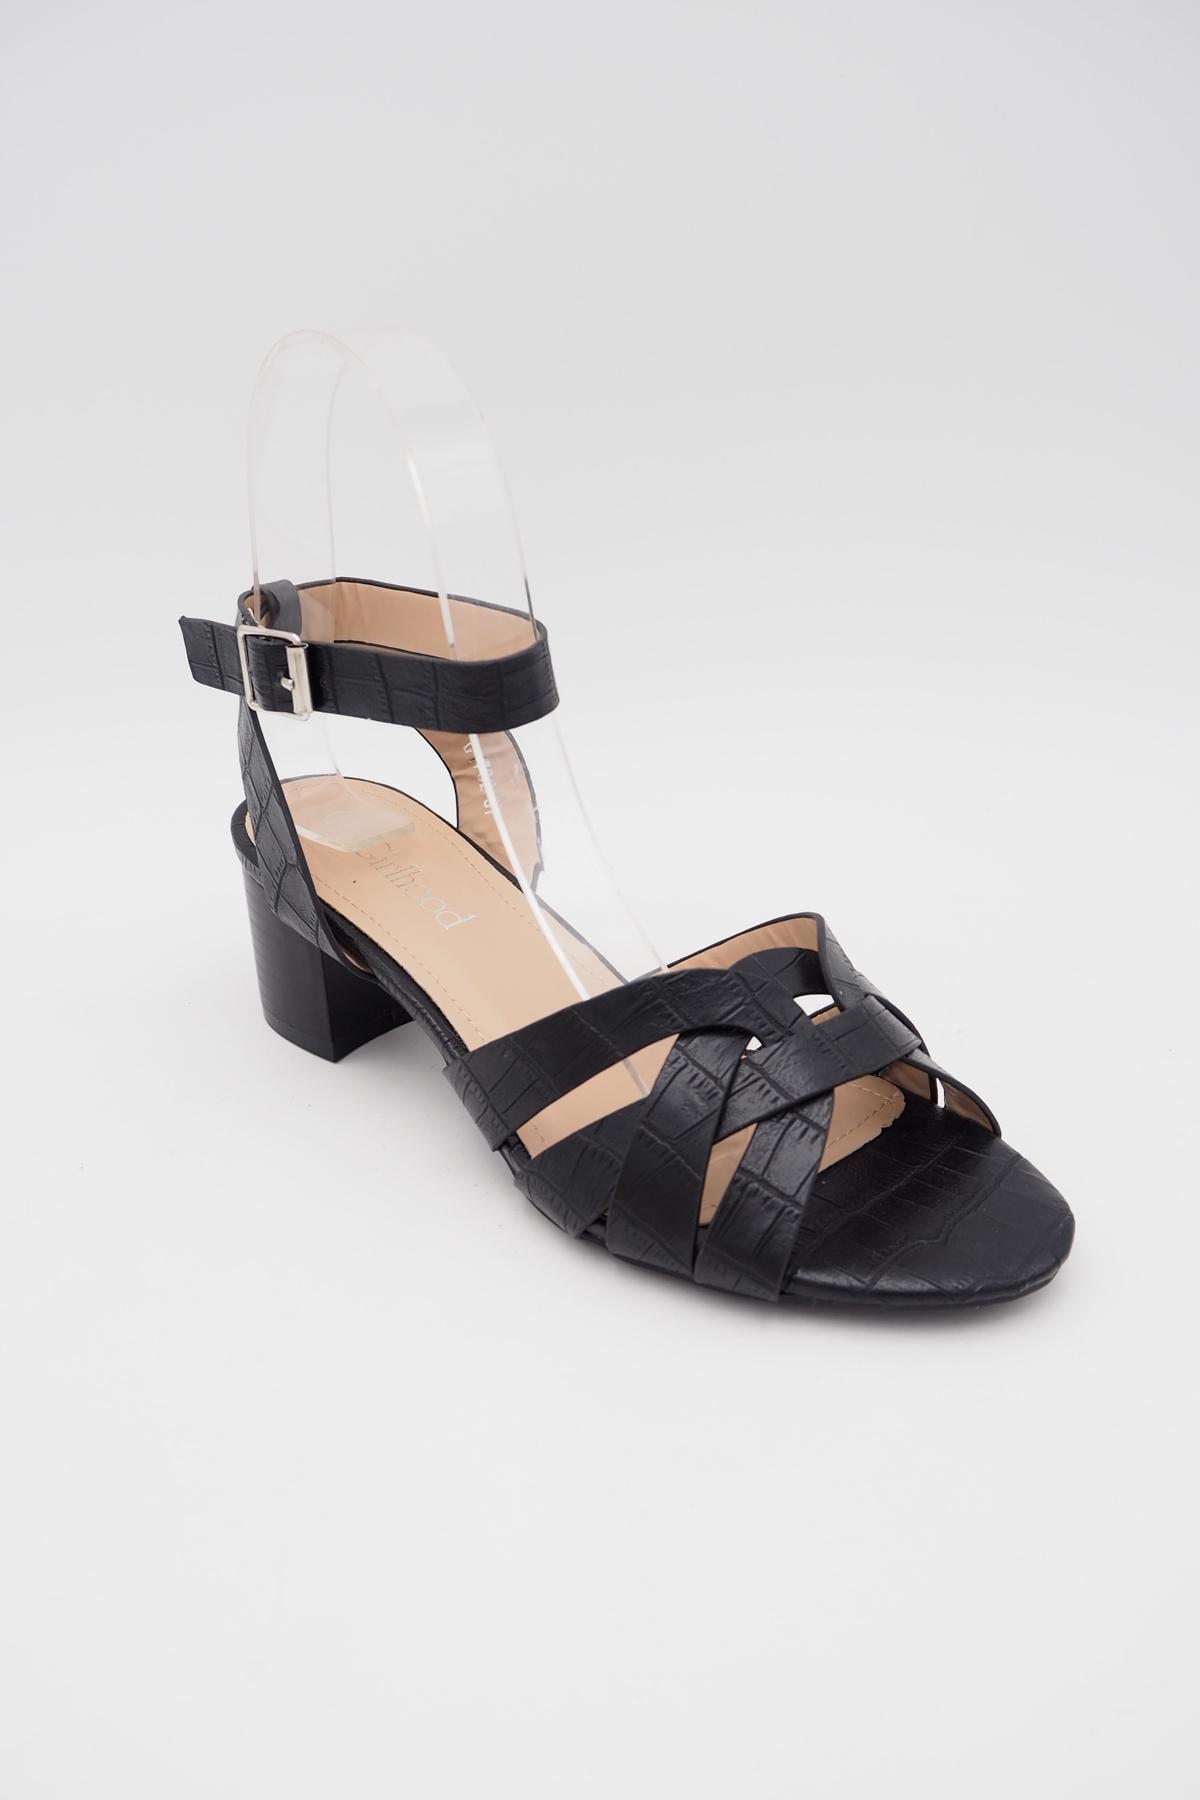 Sandales Chaussures Noir Girlhood G1782 #c eFashion Paris